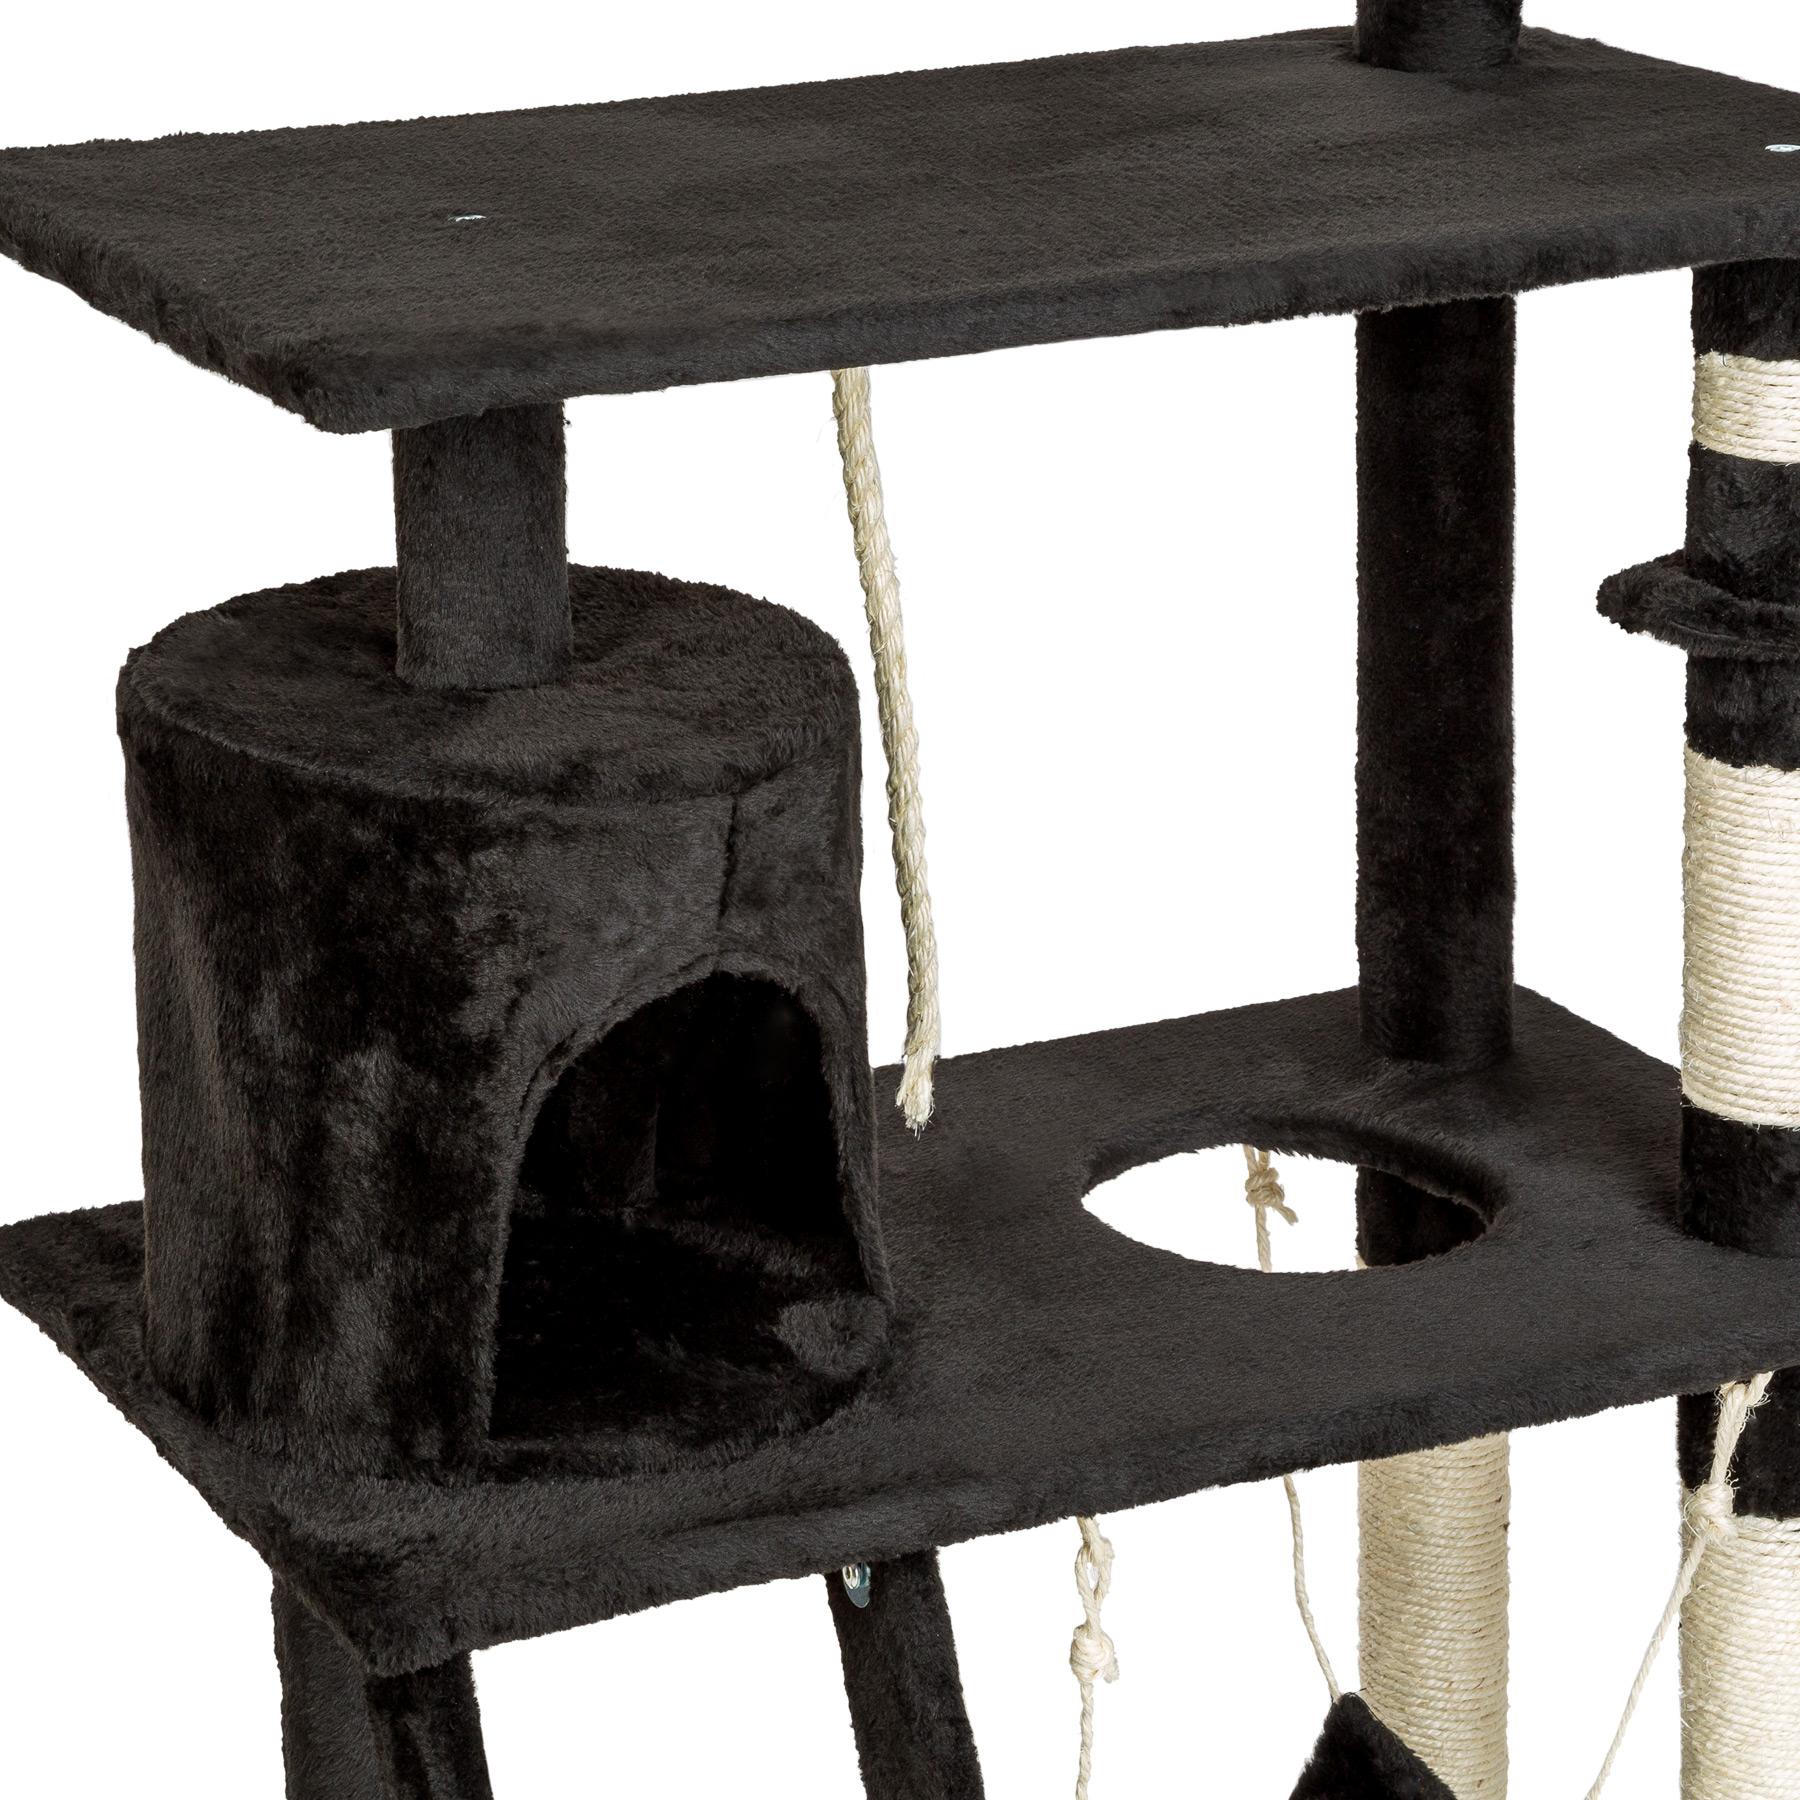 arbre chat griffoir grattoir animaux geant avec hamac lit 141 cm hauteur noir ebay. Black Bedroom Furniture Sets. Home Design Ideas